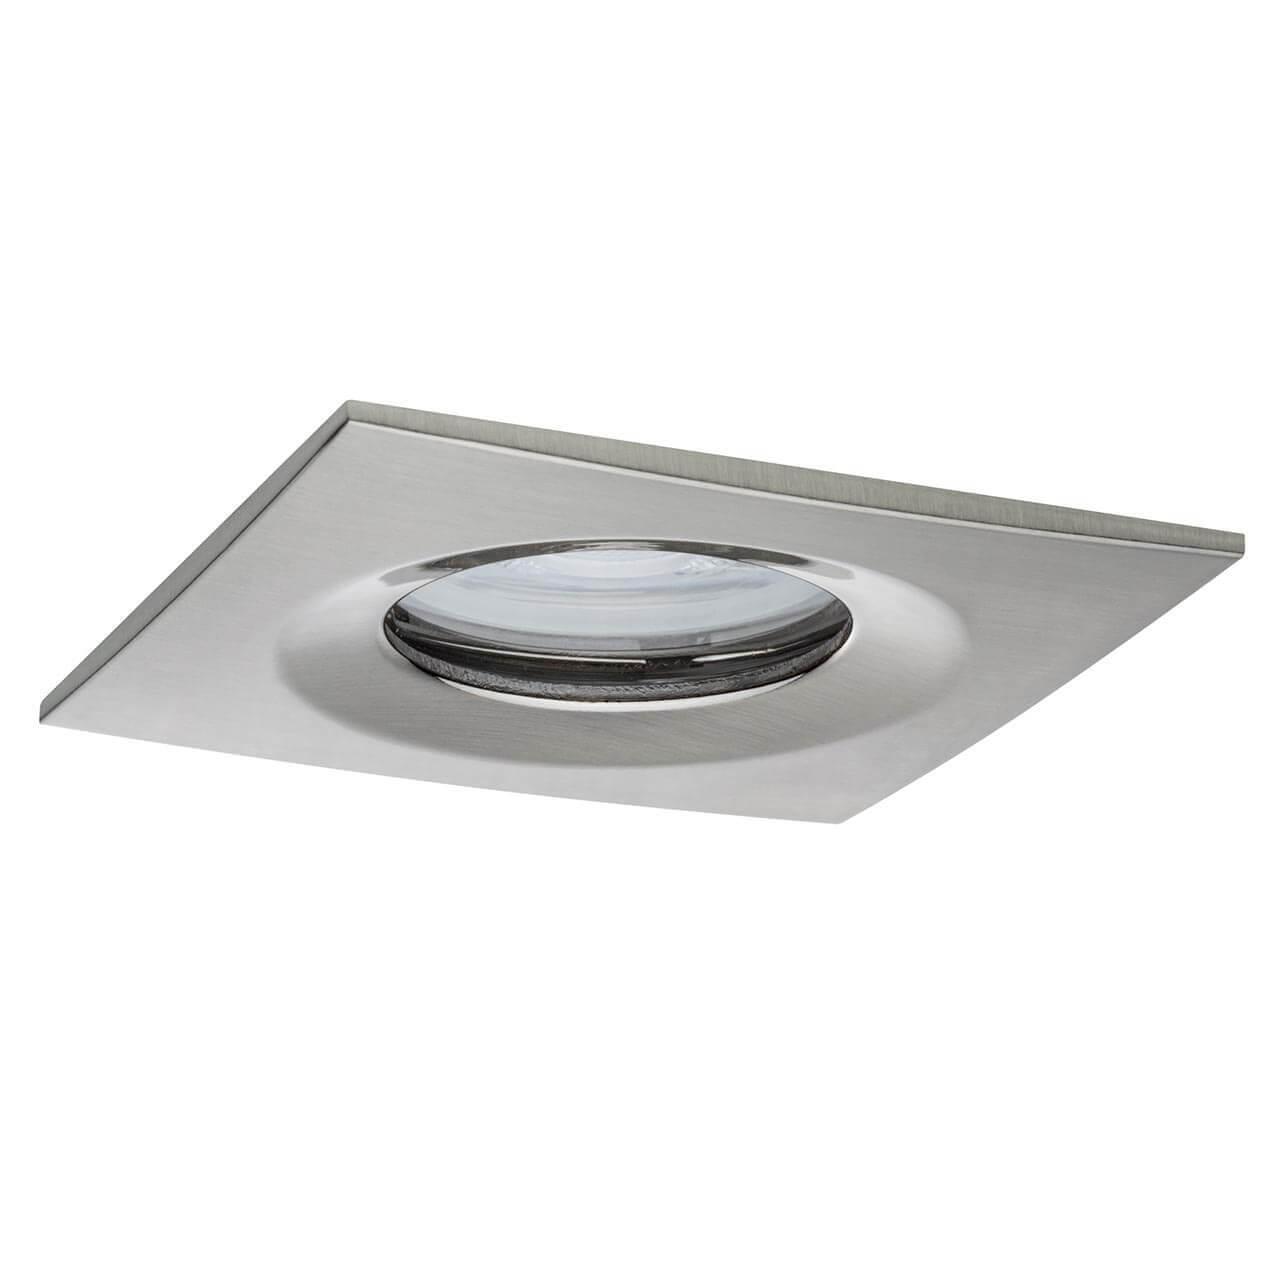 Встраиваемый светодиодный светильник Paulmann Nova 93629